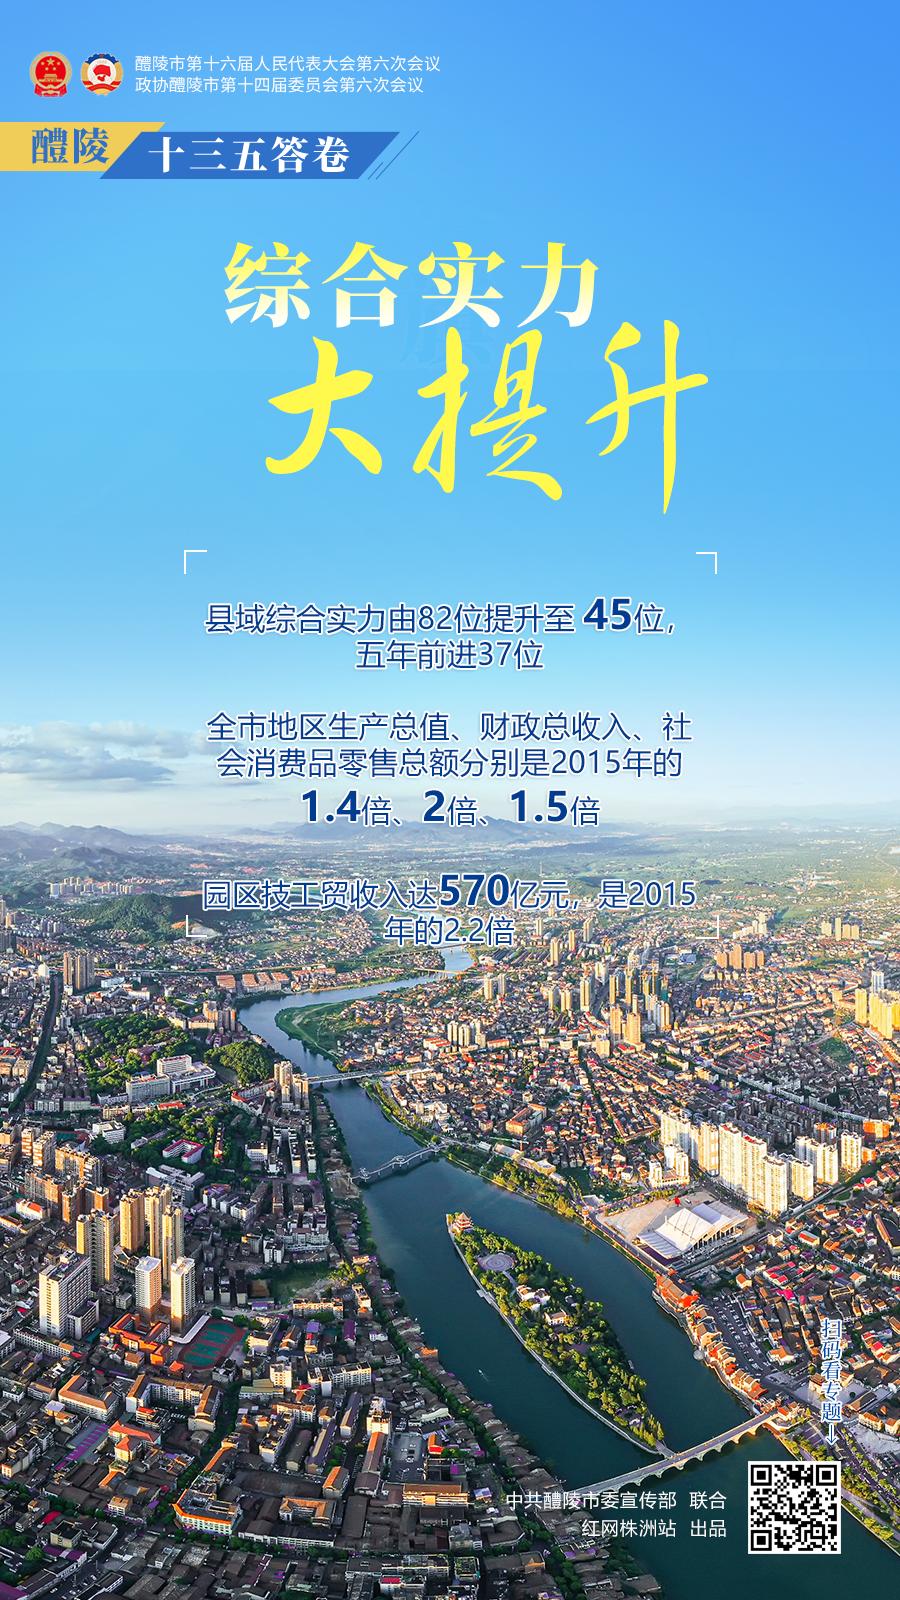 海报丨醴陵:奋进新征程 当好排头兵